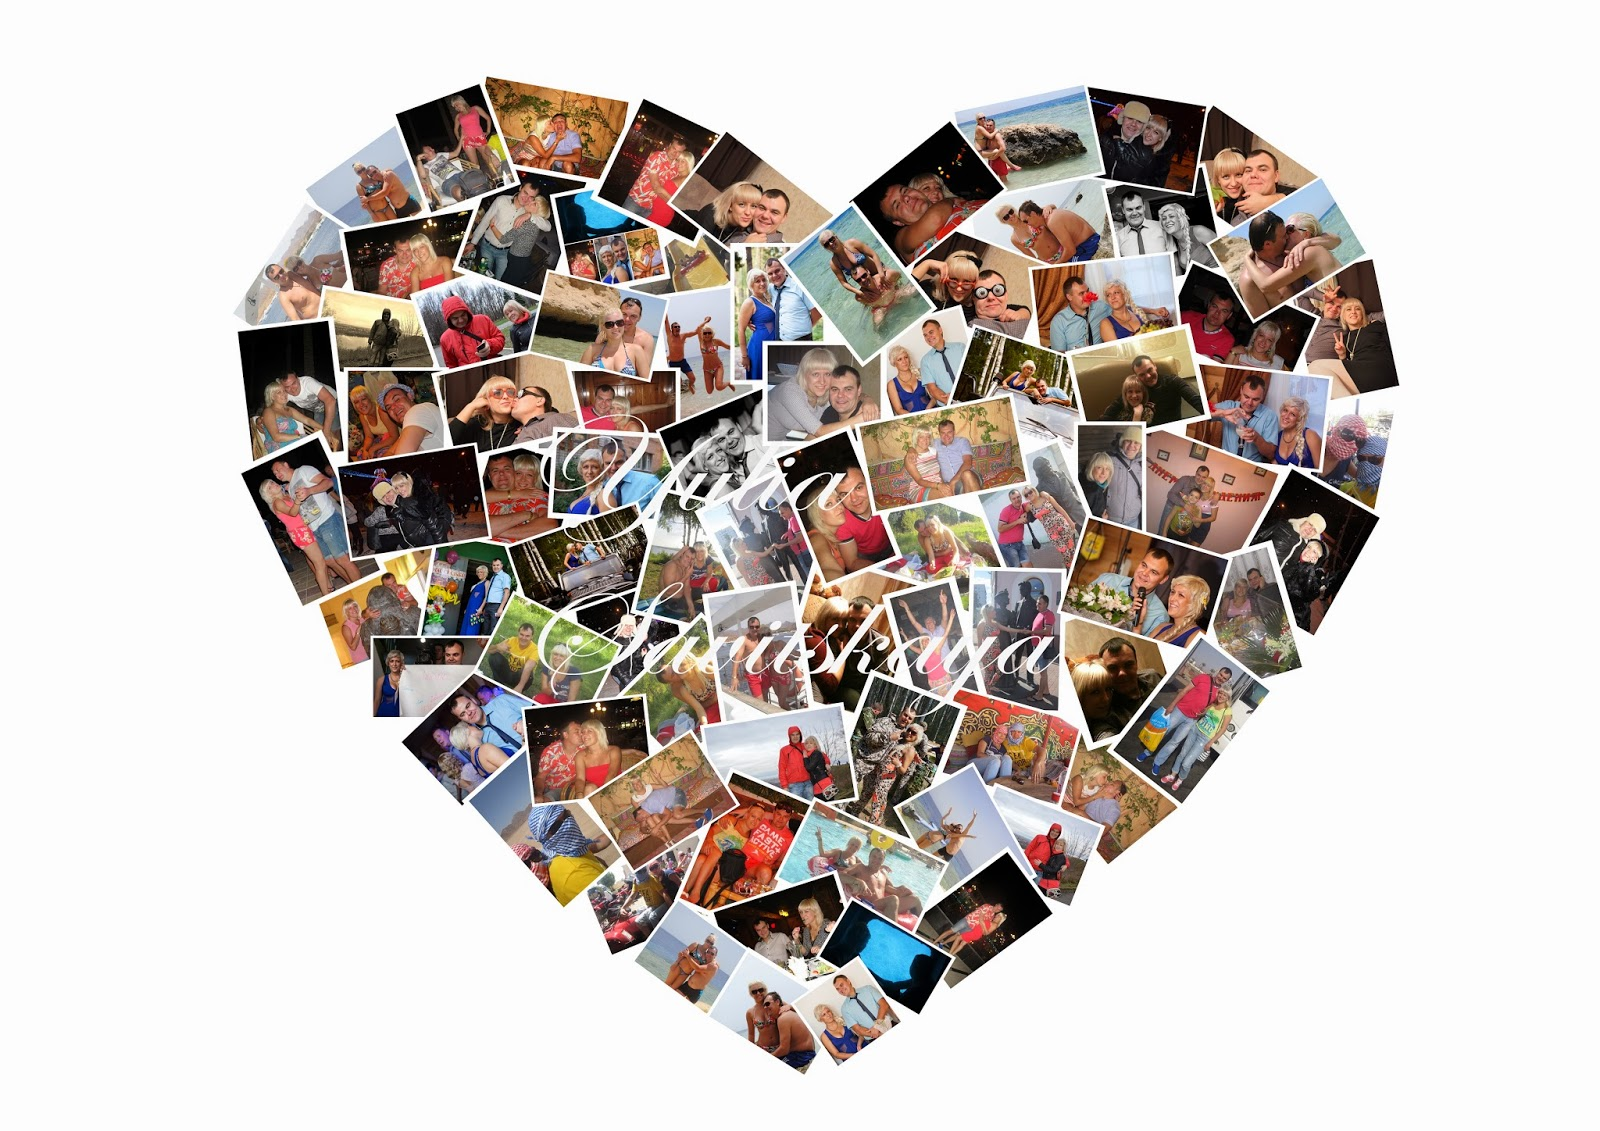 Создать коллаж открытку онлайн, словом скучаю картинки